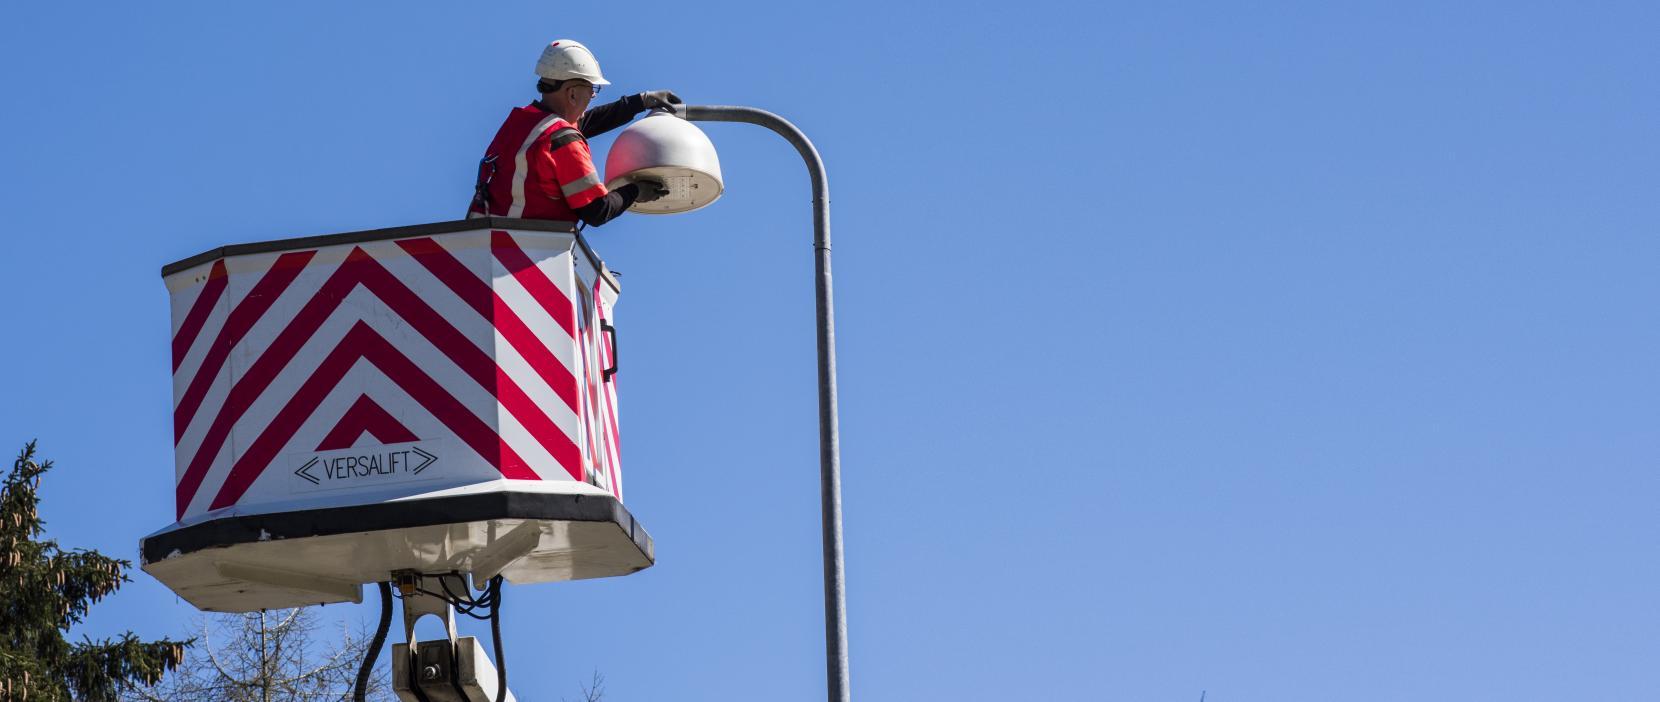 Rudersdal Kommune moderniserer vejbelysningen rundt i kommunen